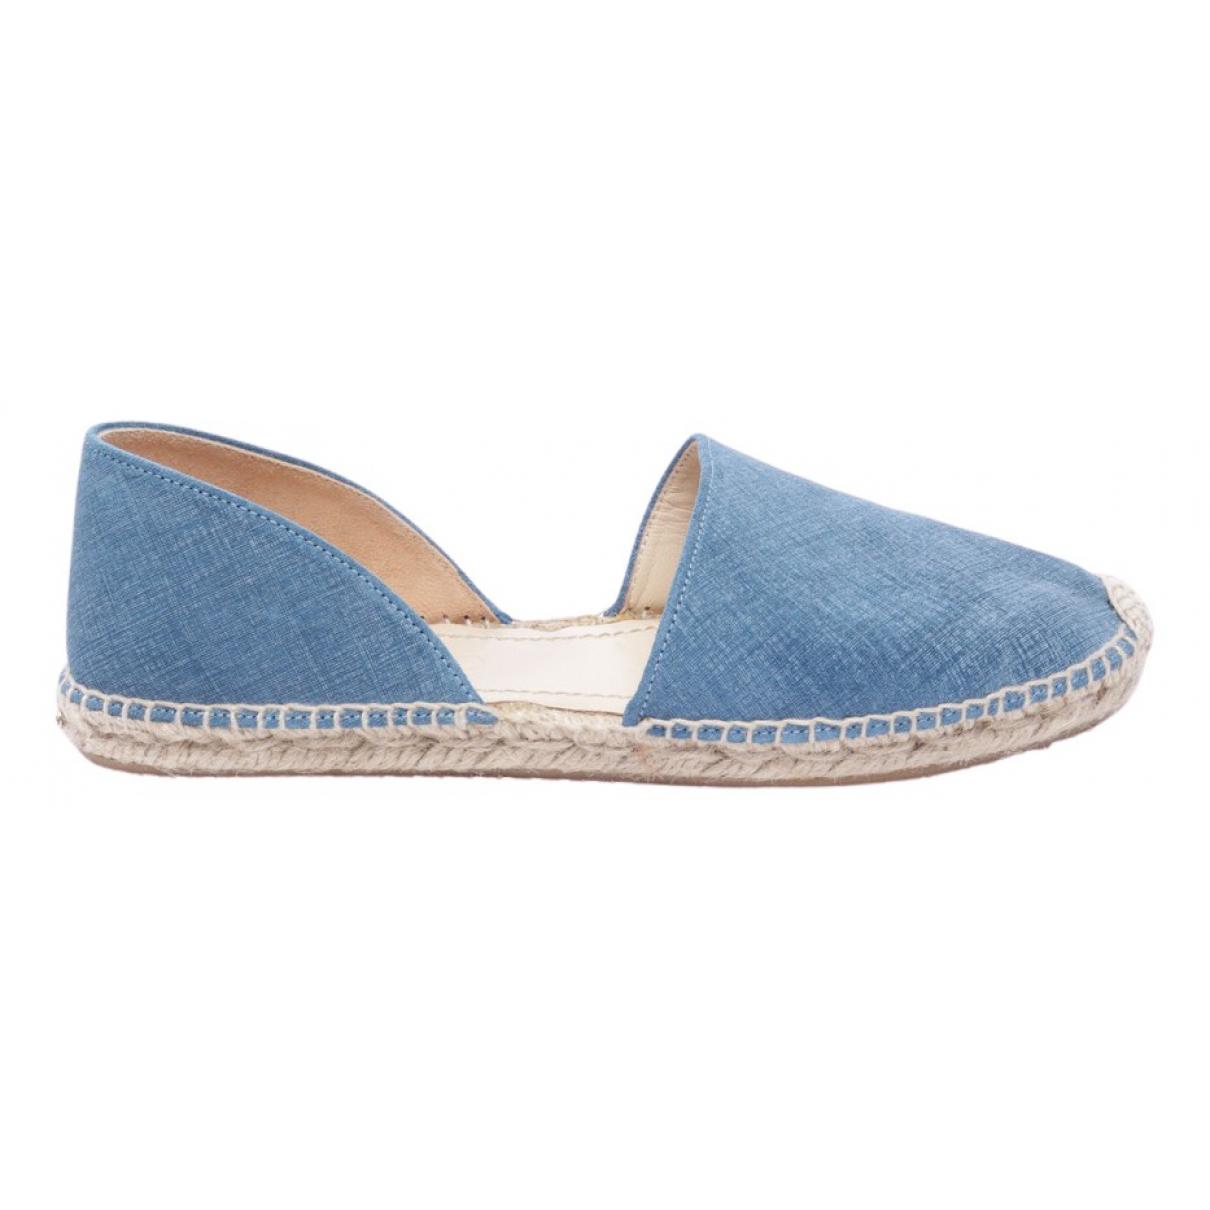 Jimmy Choo \N Sneakers in  Blau Leinen